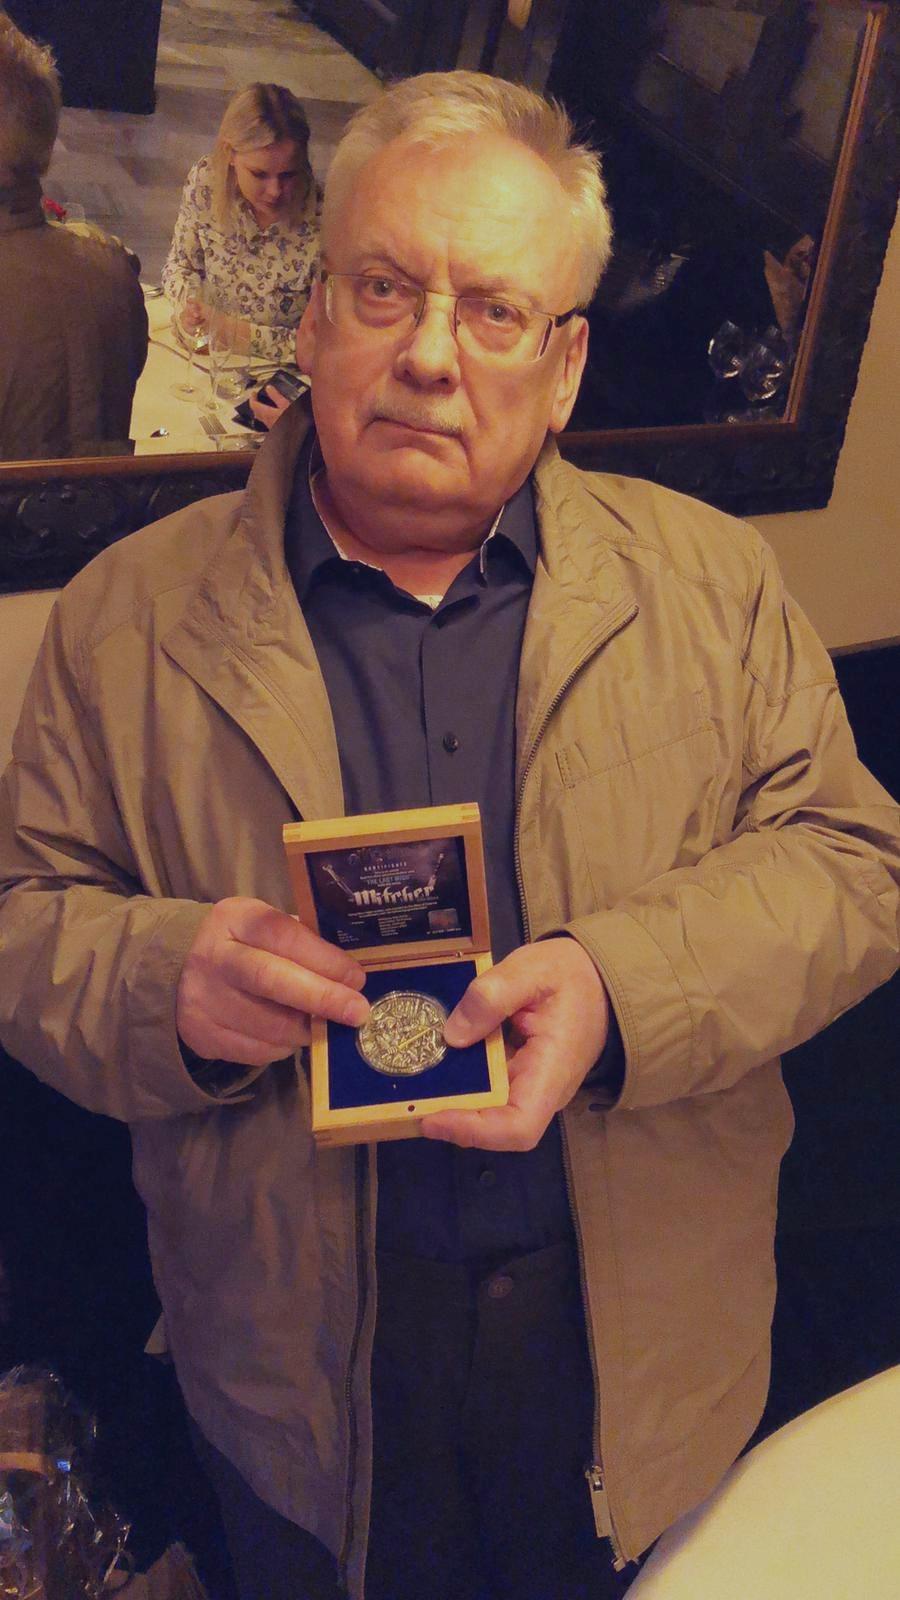 Andrzej Sapkowski prezentuje jedną z monet z serii Wiedźmin.